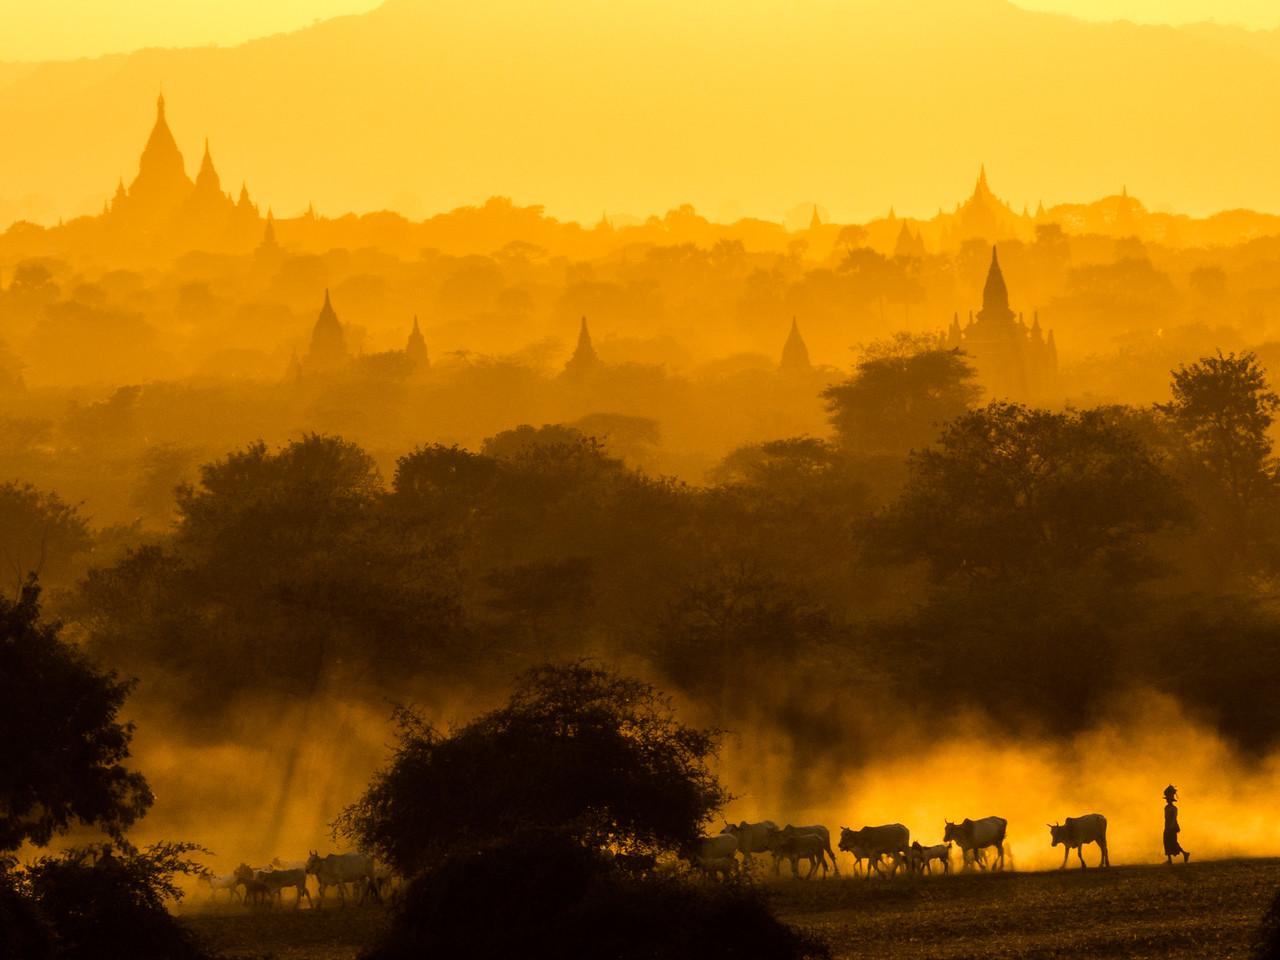 106-Burma-Myanmar